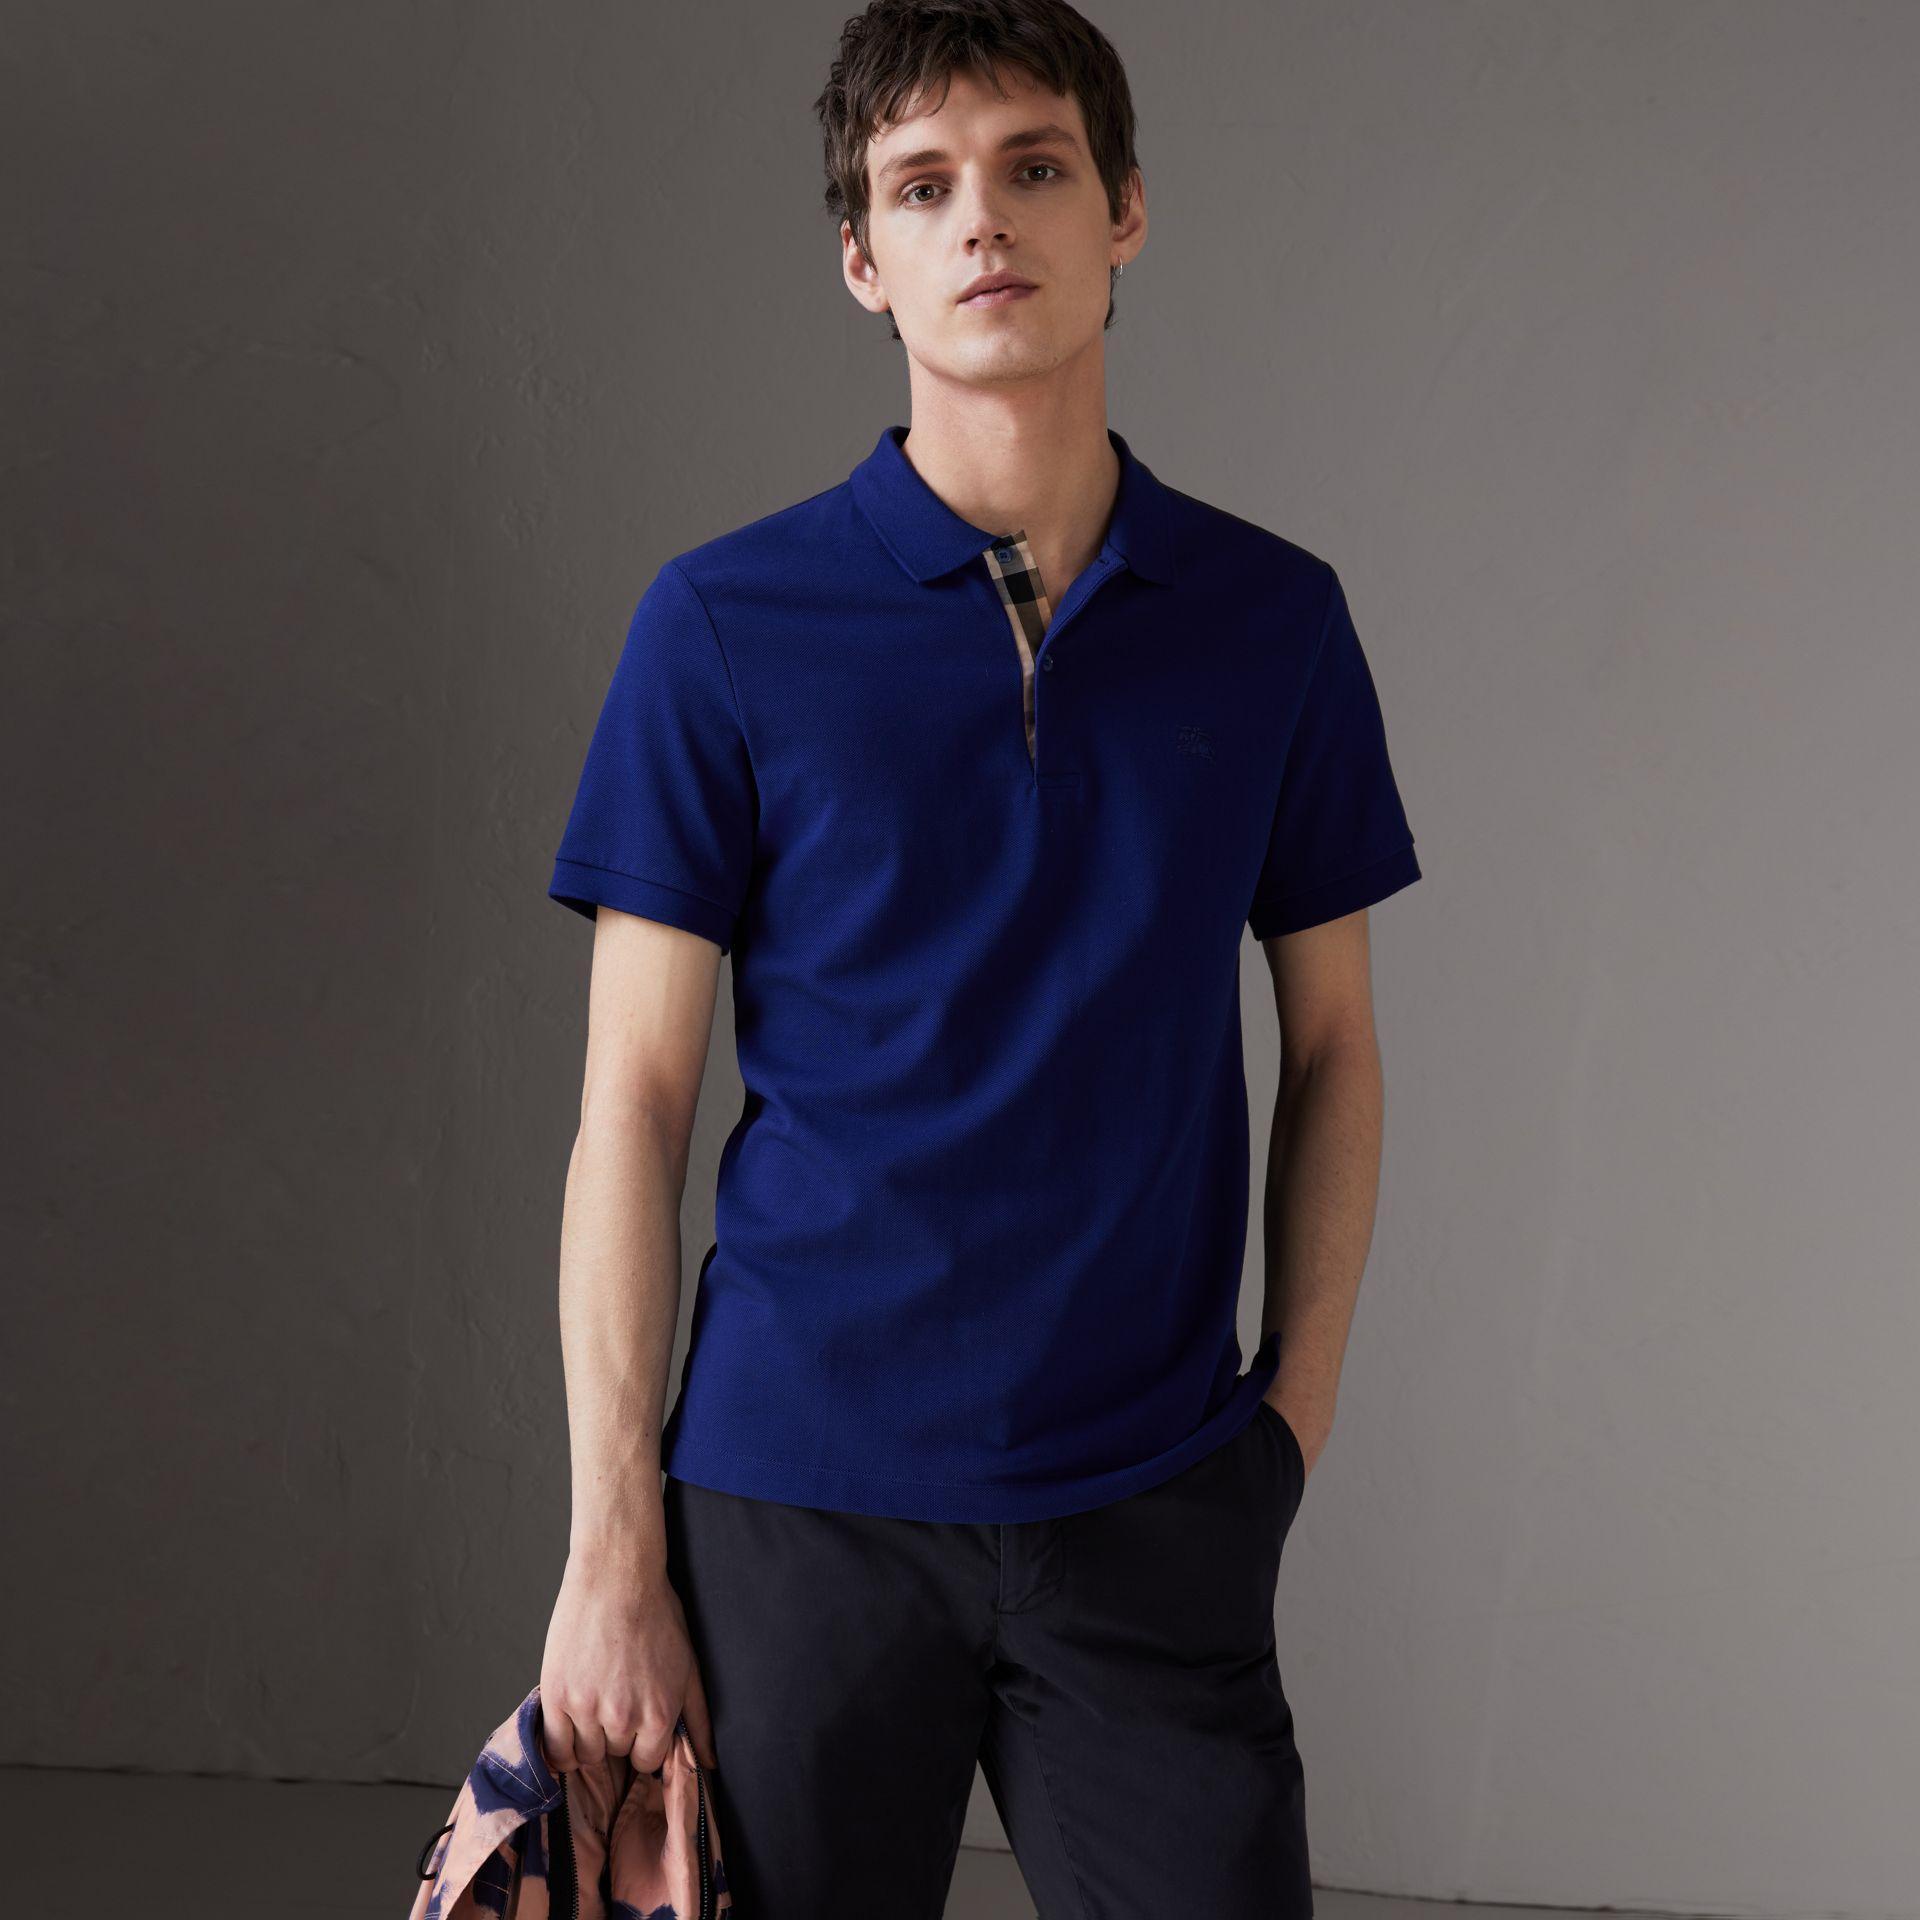 e8074b496fa3 Burberry Check Placket Cotton PiquÉ Polo Shirt In Blue